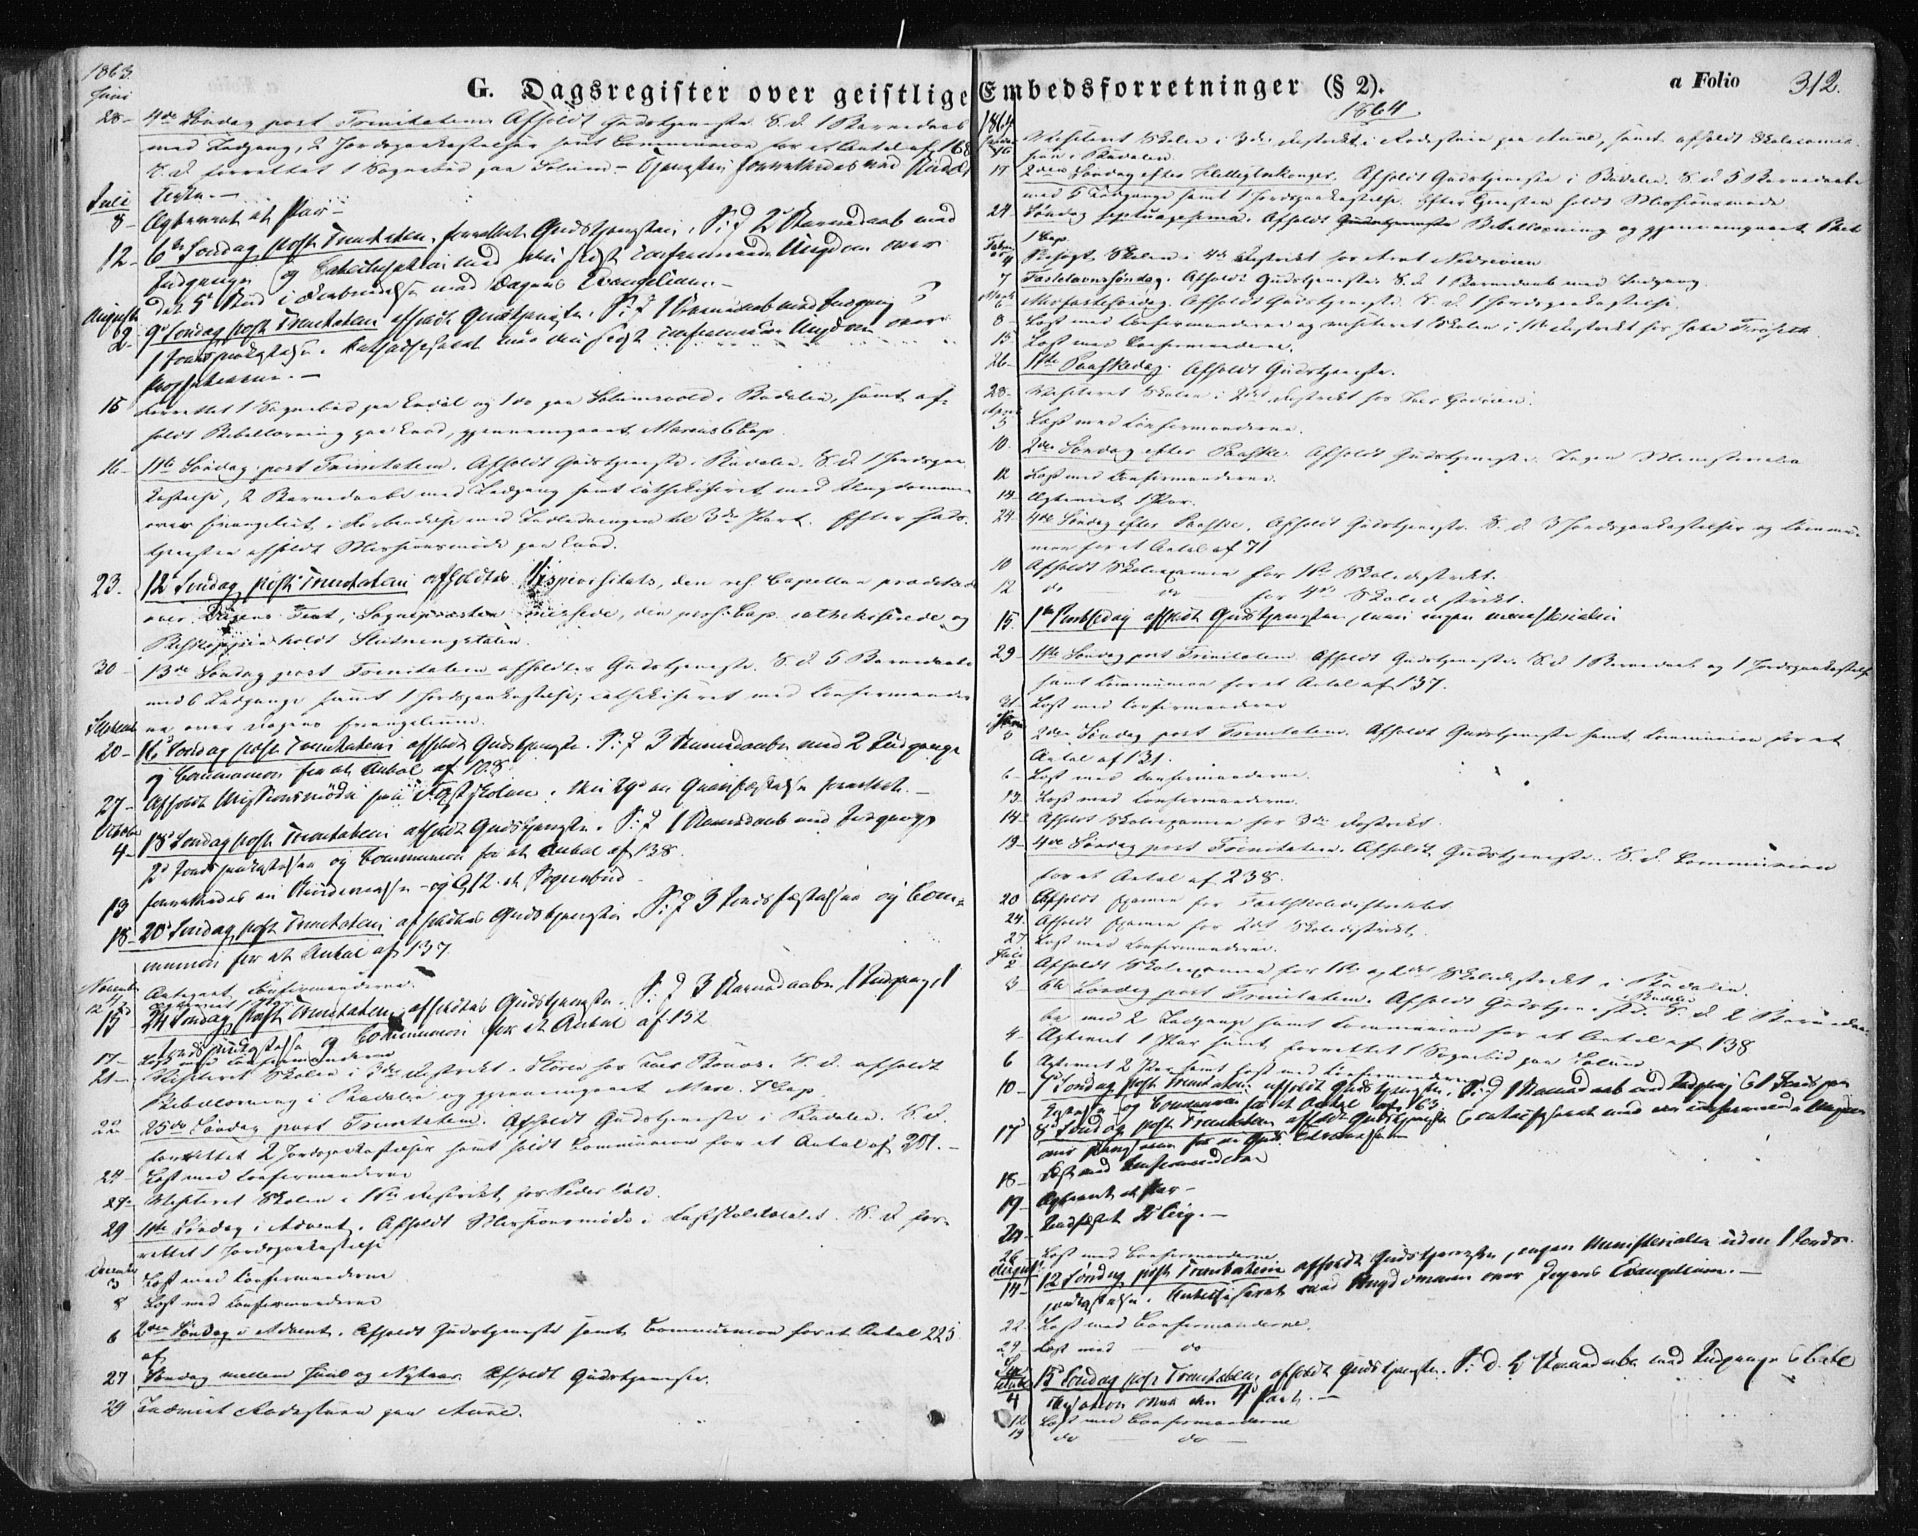 SAT, Ministerialprotokoller, klokkerbøker og fødselsregistre - Sør-Trøndelag, 687/L1000: Ministerialbok nr. 687A06, 1848-1869, s. 312